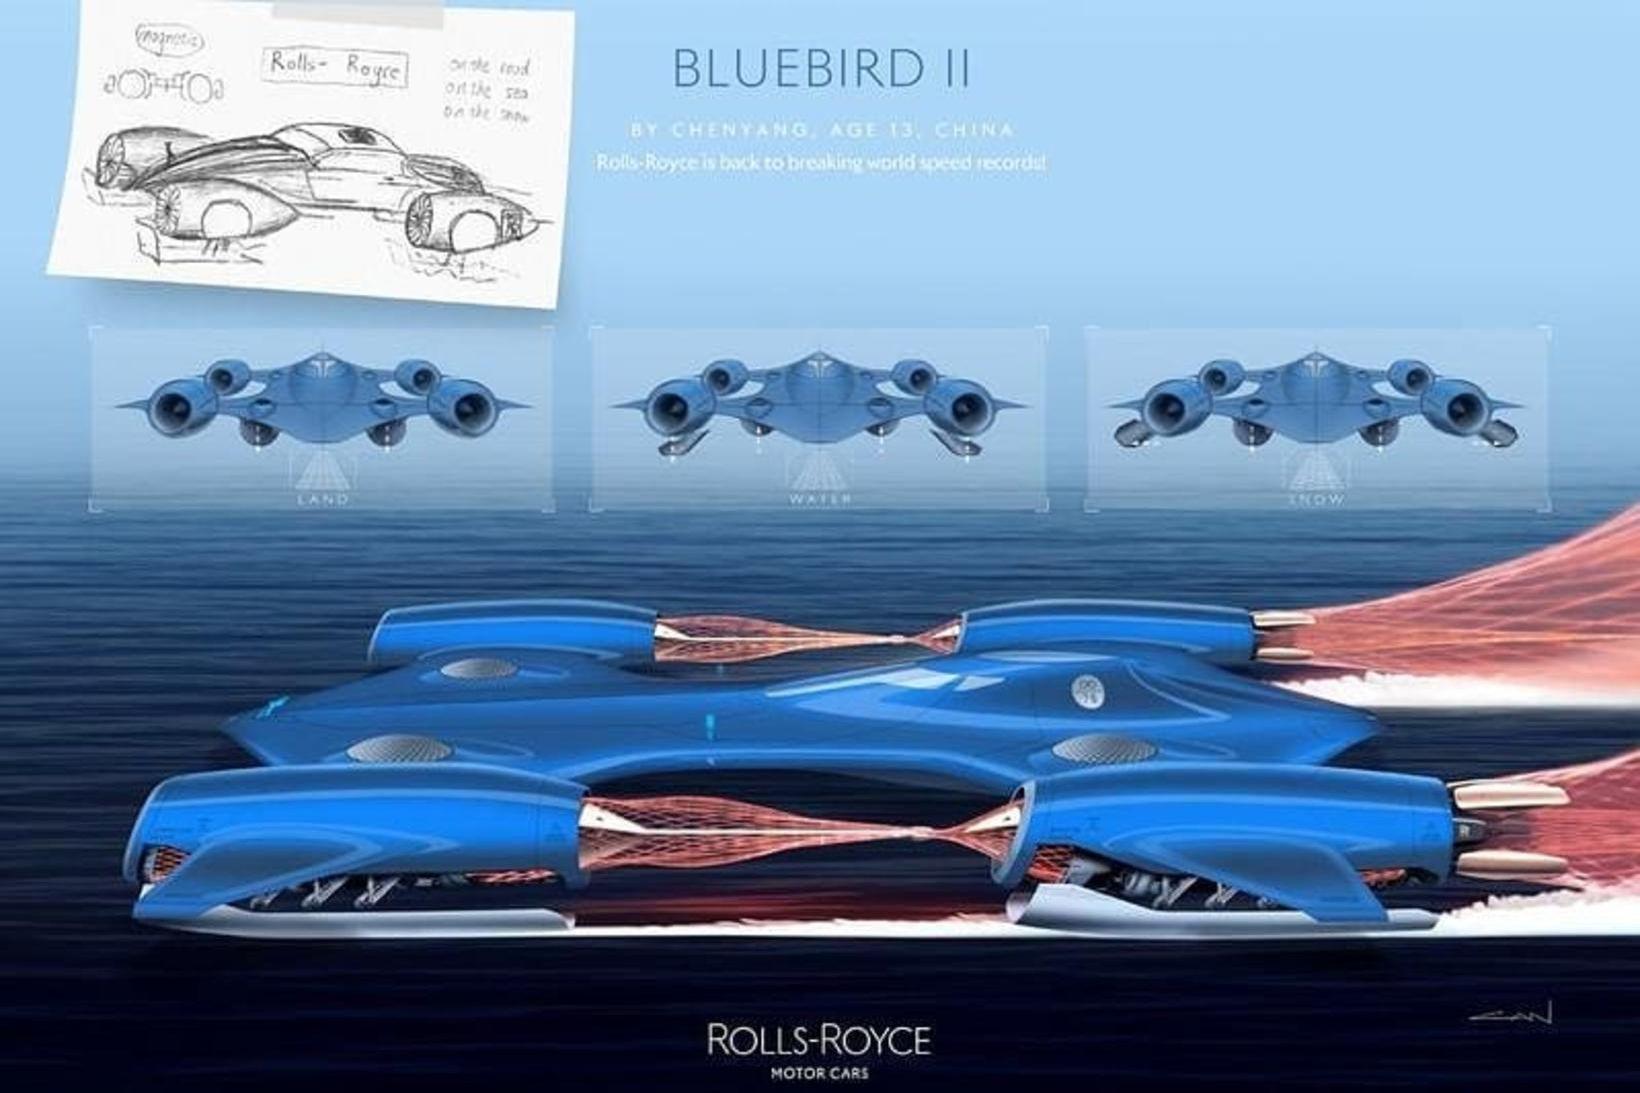 13 ára Kínverji teiknaði þennan Rolls Royce Bluebird II